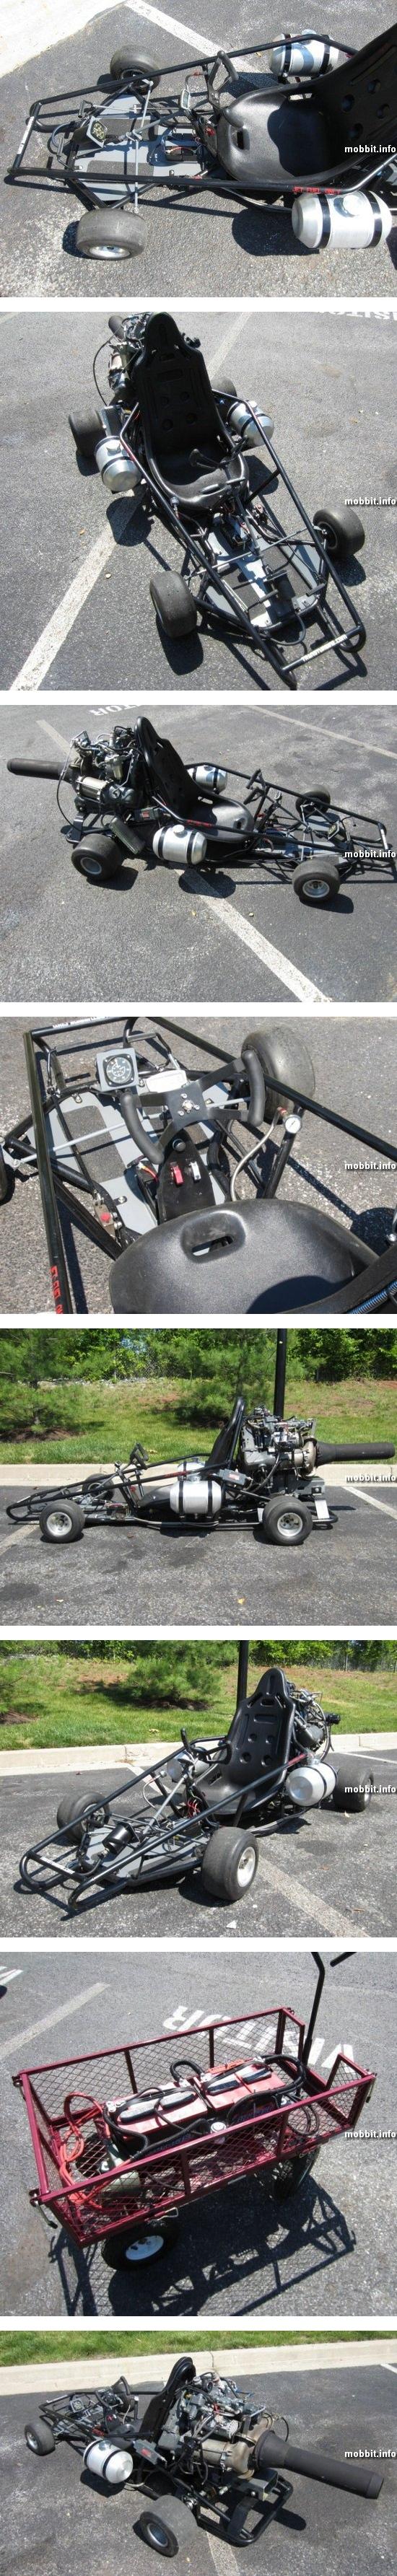 Уникальная повозка с реактивным двигателем